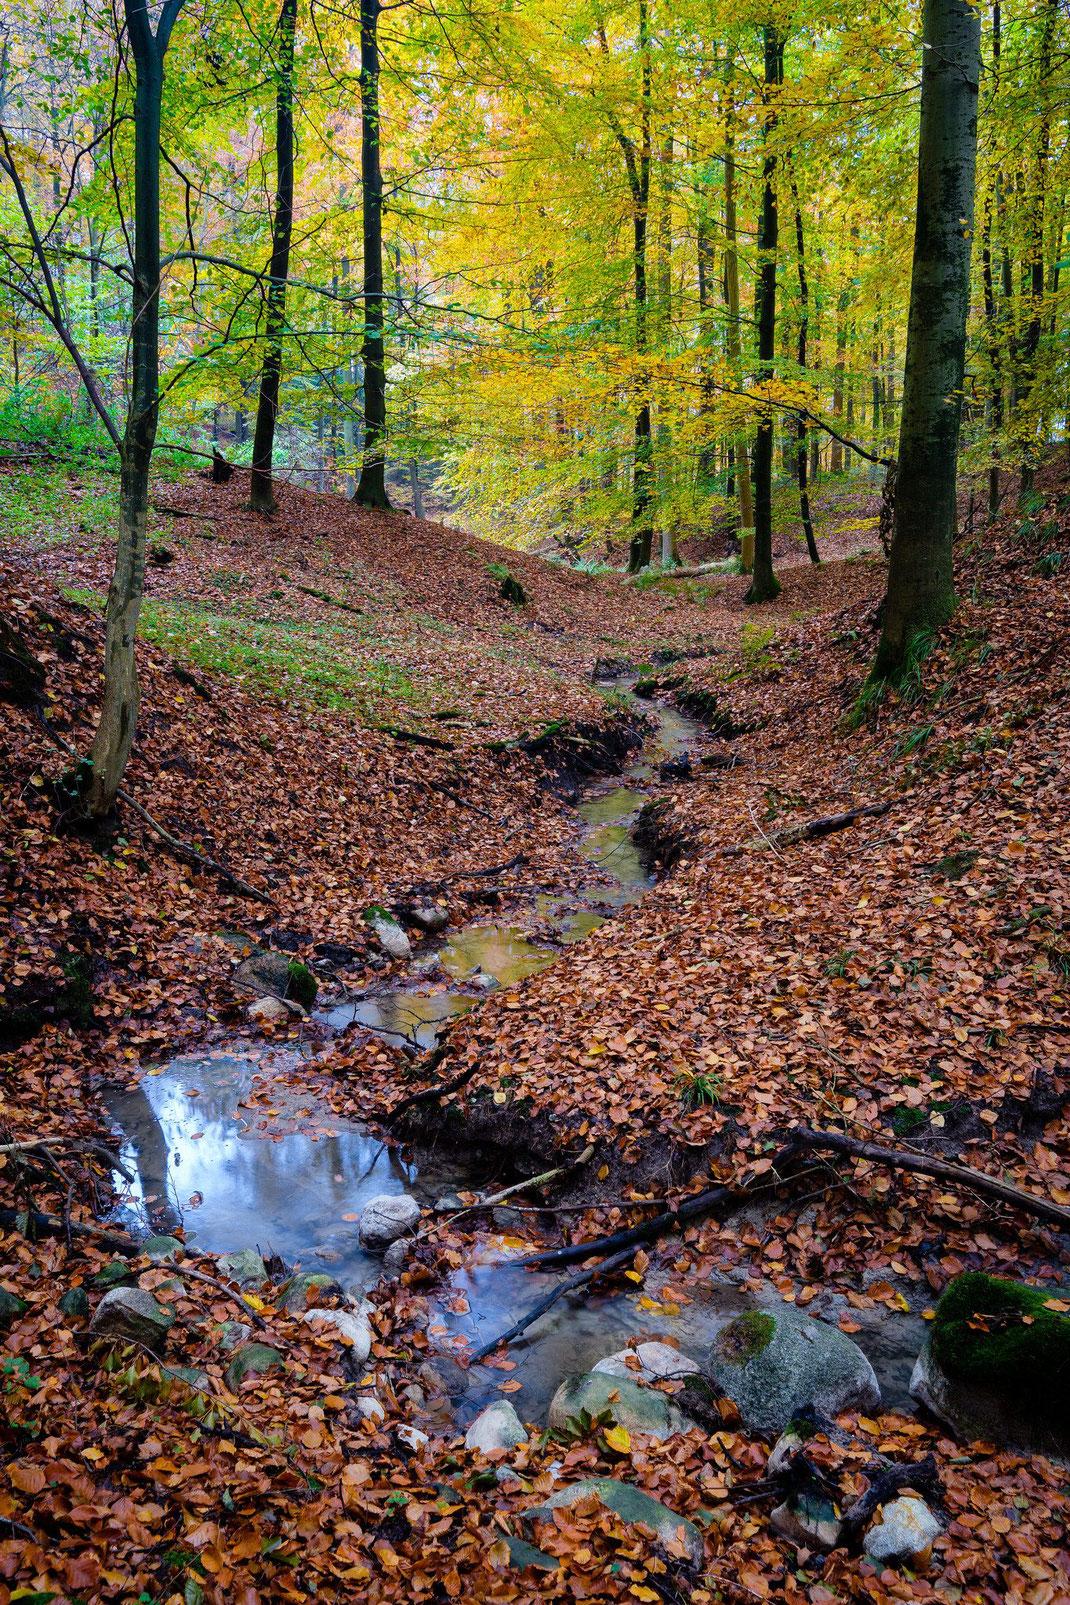 Kossautal hinter Dannau Herbst Laub Laubfärbung Ostholstein